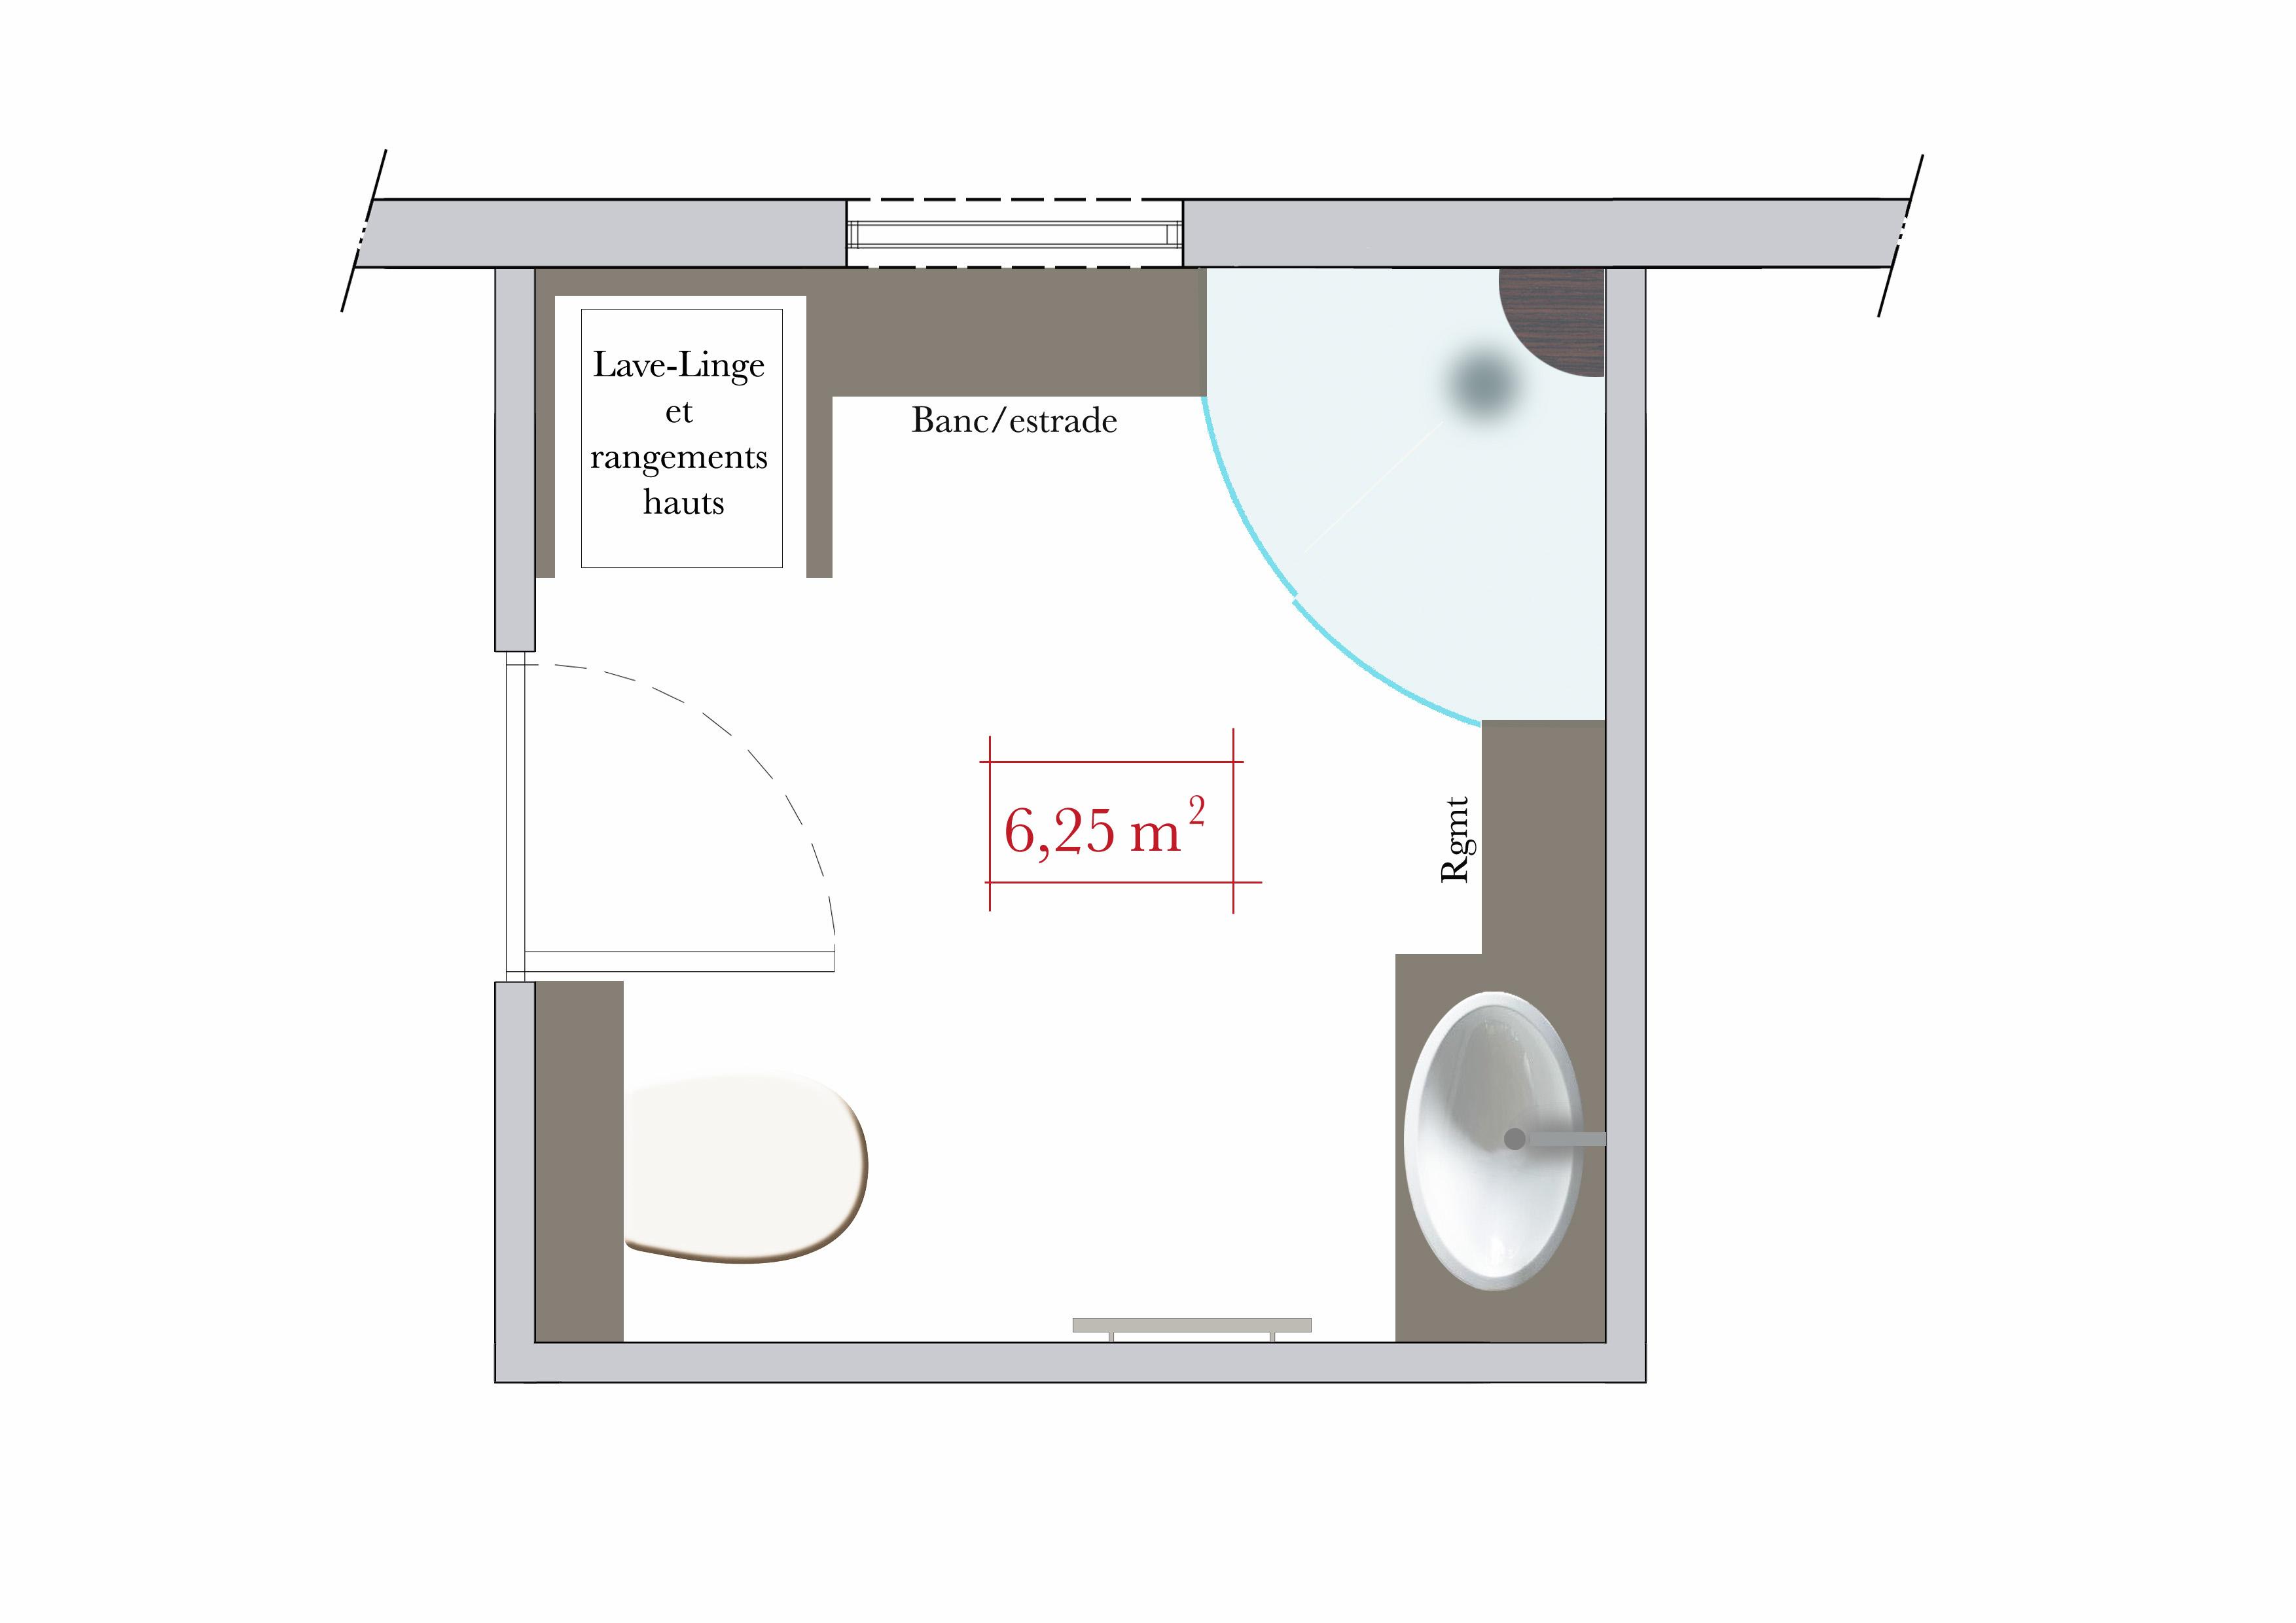 Salle D Eau 5m2 Frais Galerie Amnager Une Salle De Bain De 5m2 Idees De Dcoration